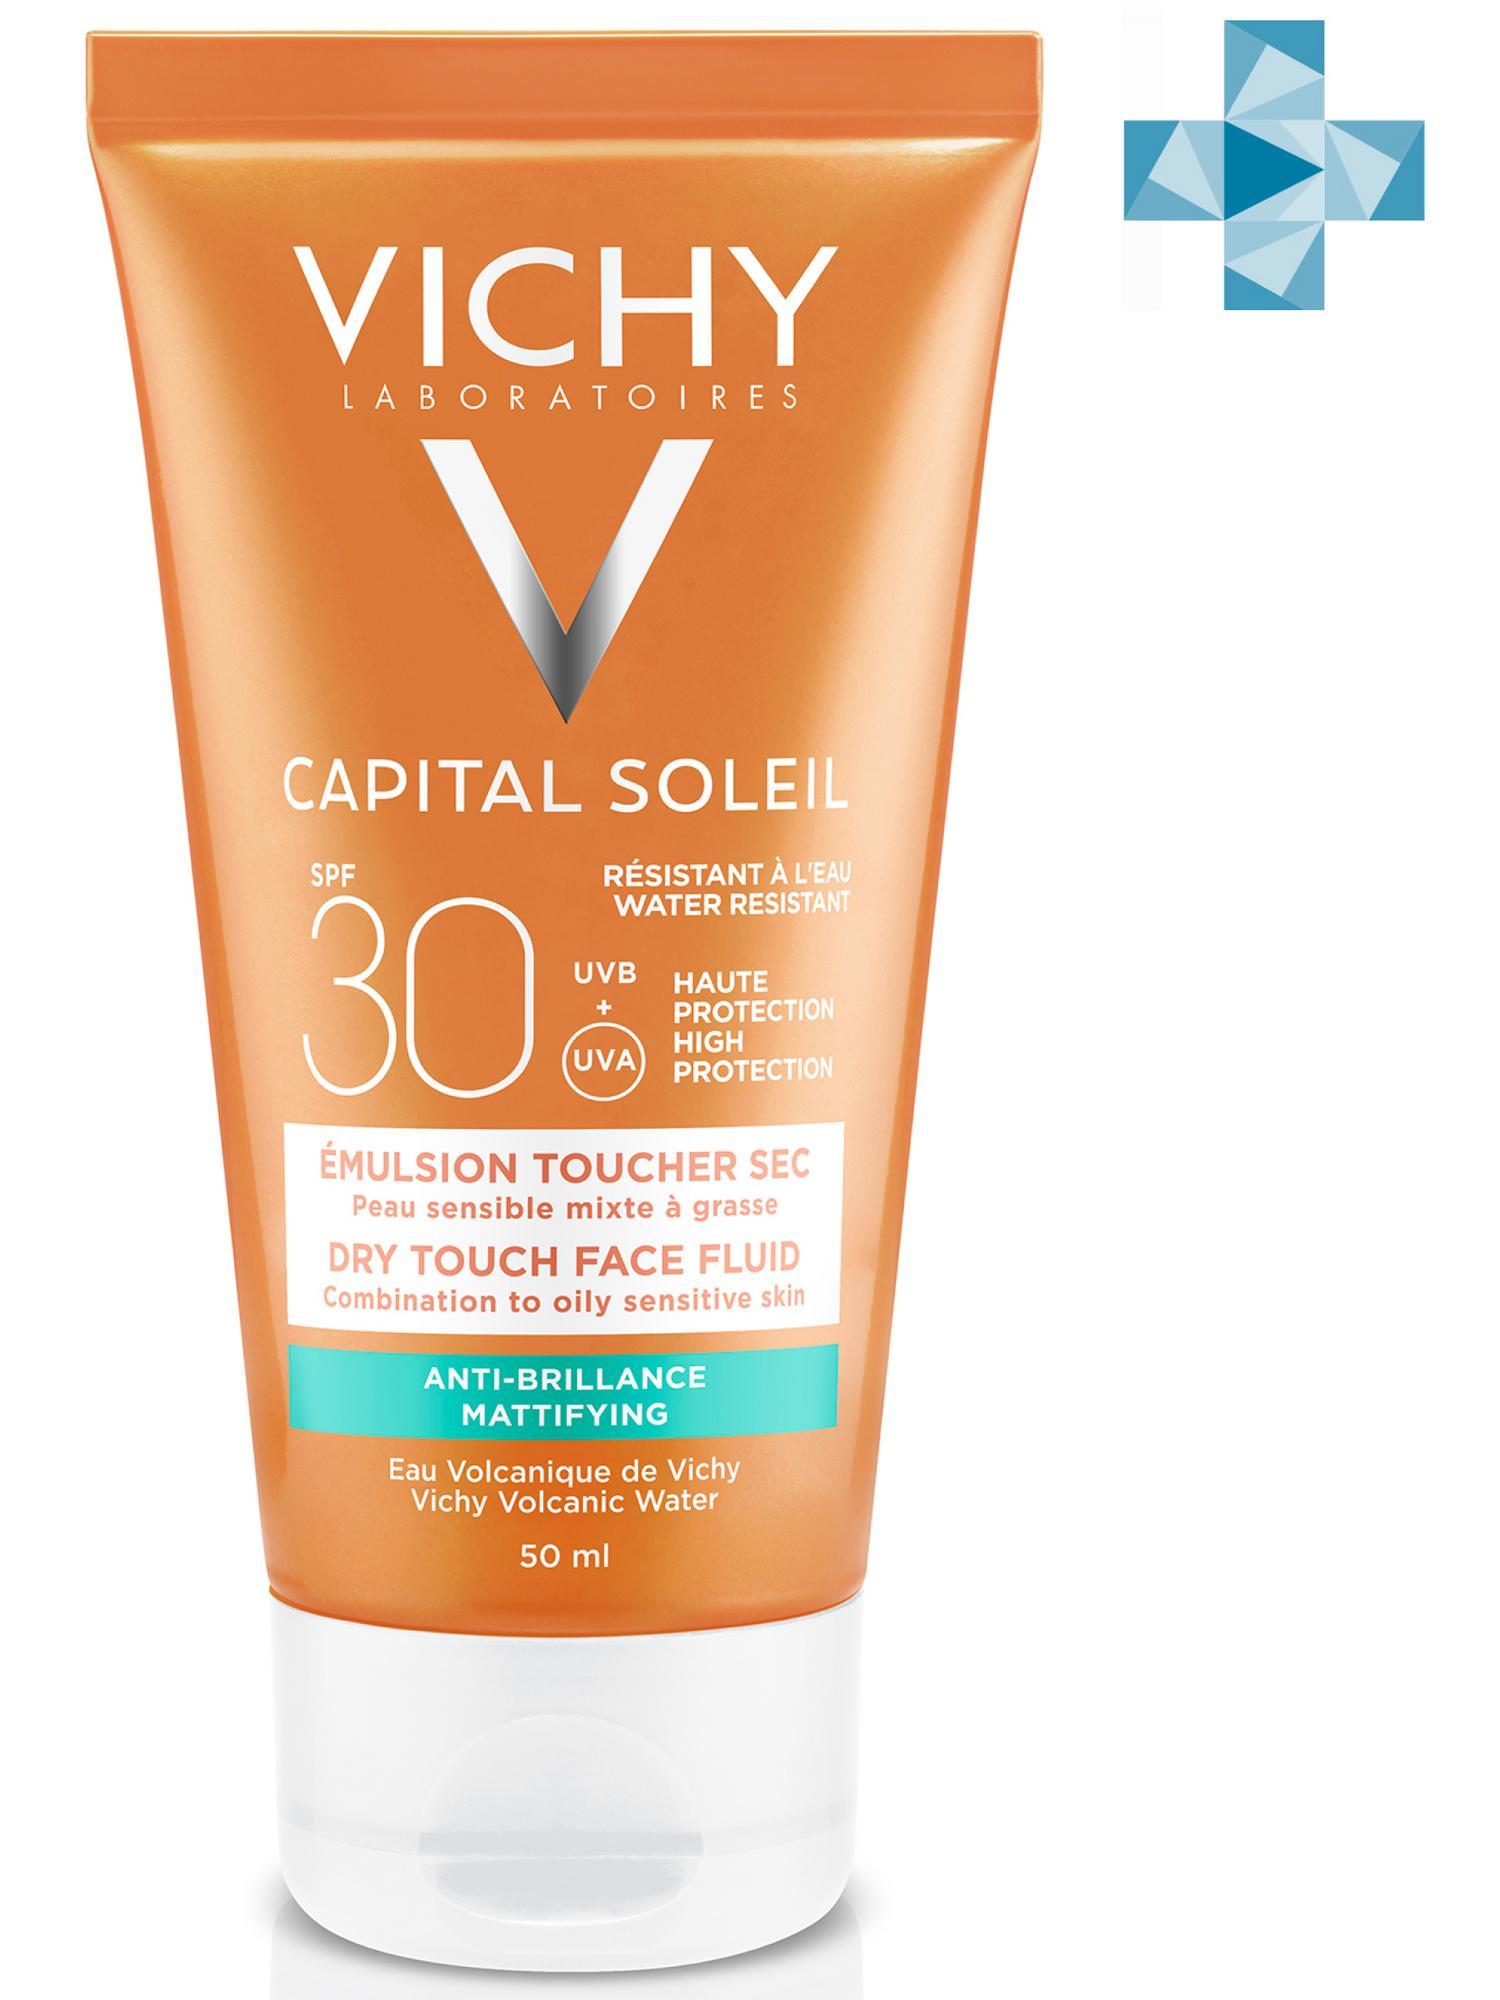 Купить Vichy Матирующая эмульсия для лица ДРАЙ ТАЧ SPF 30, 50 мл (Vichy, Capital Ideal Soleil), Франция